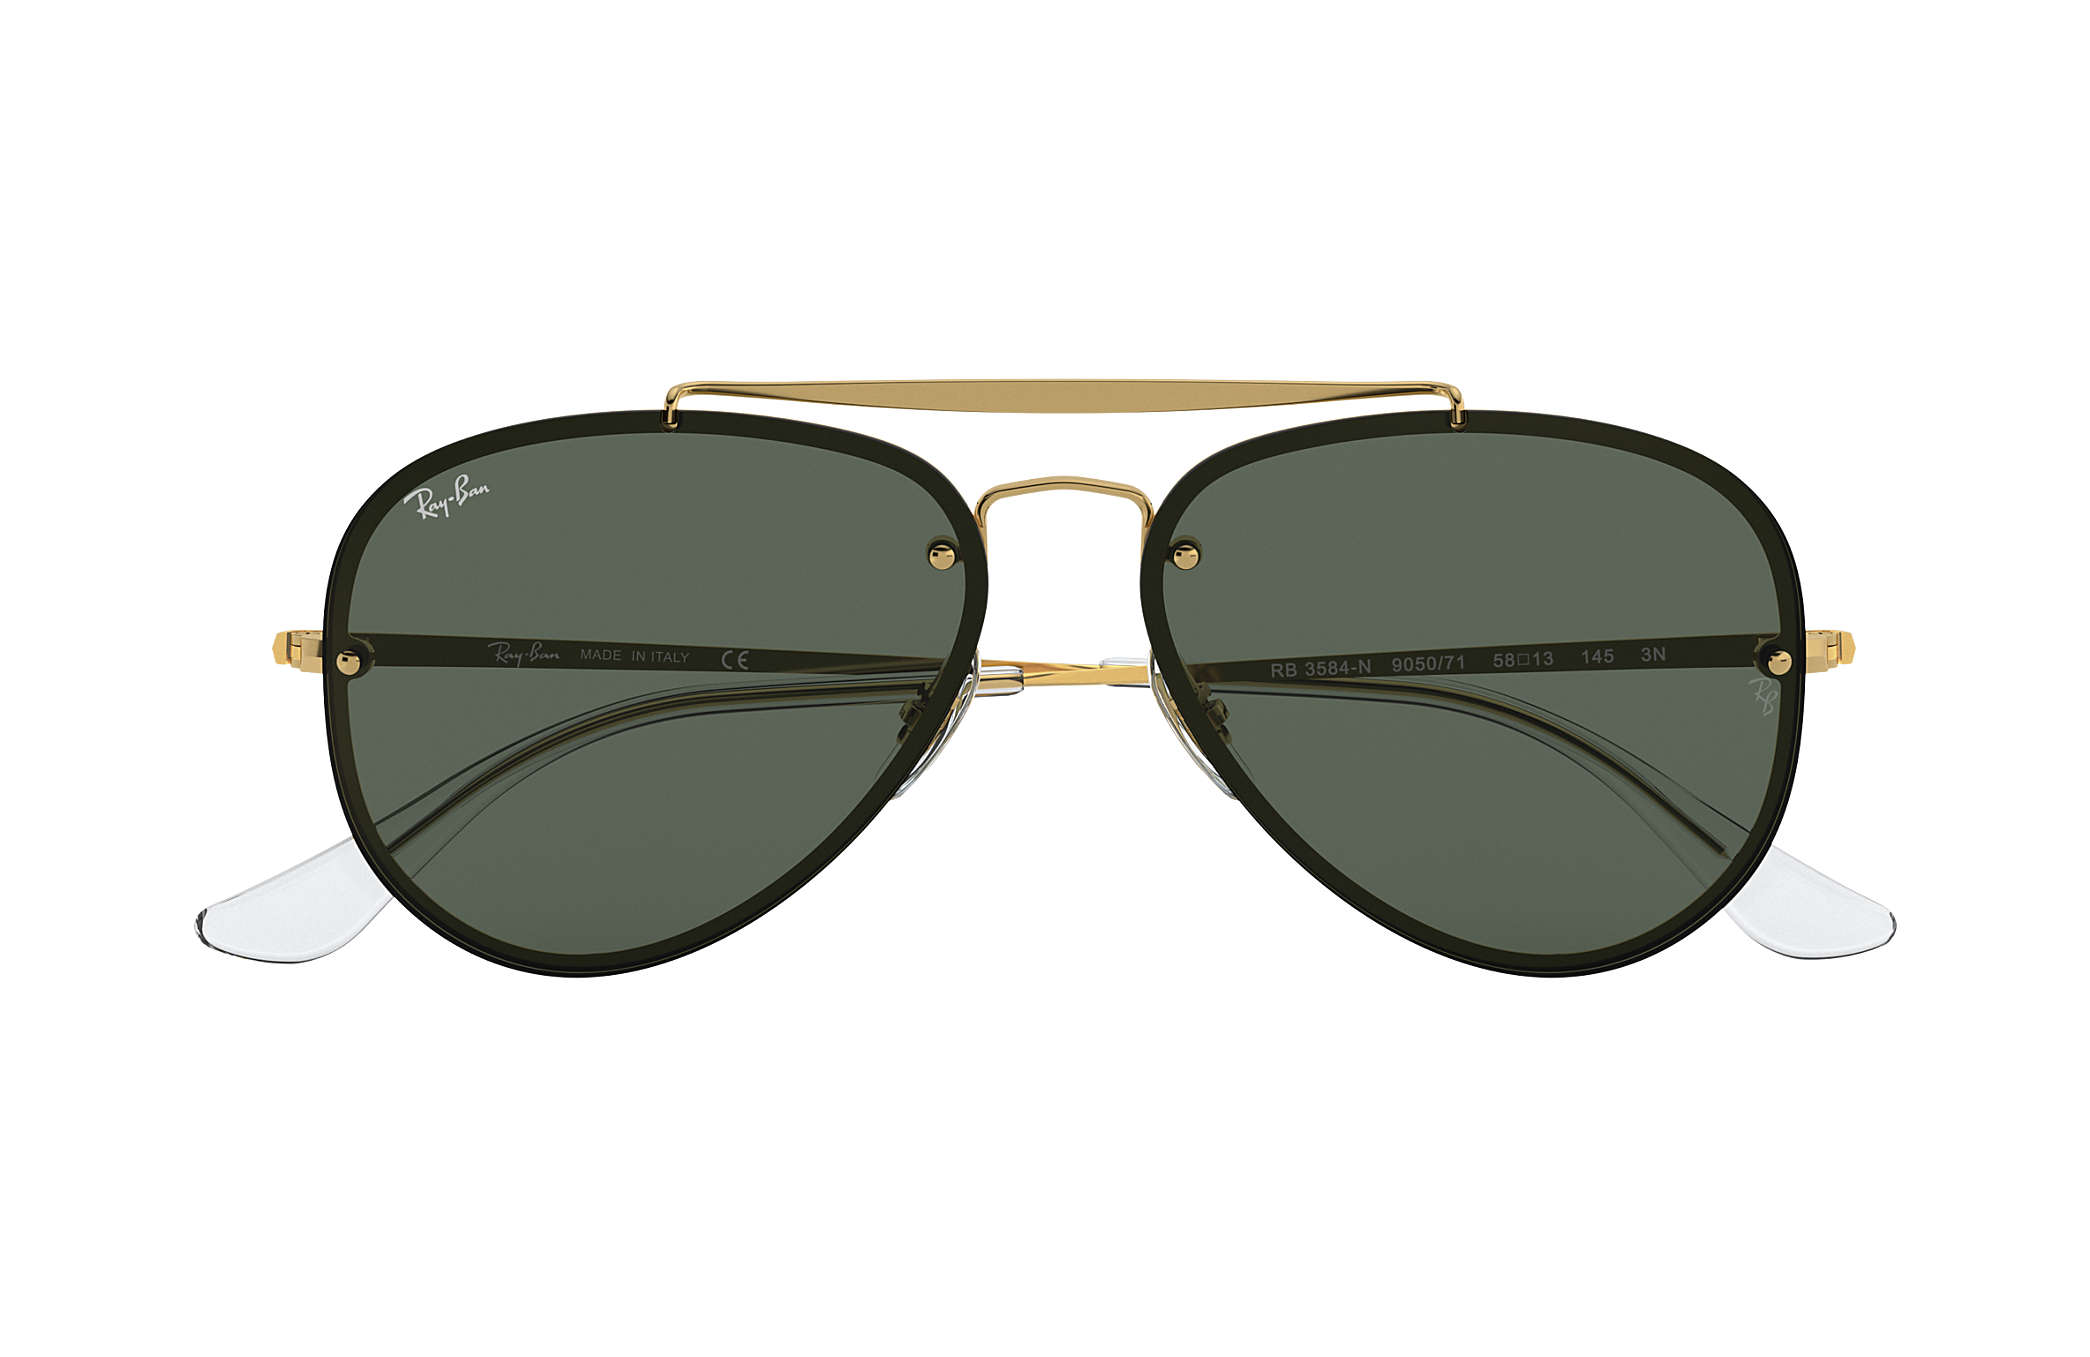 c200282635507 Ray-Ban Blaze Aviator RB3584N Gold - Steel - Green Lenses ...